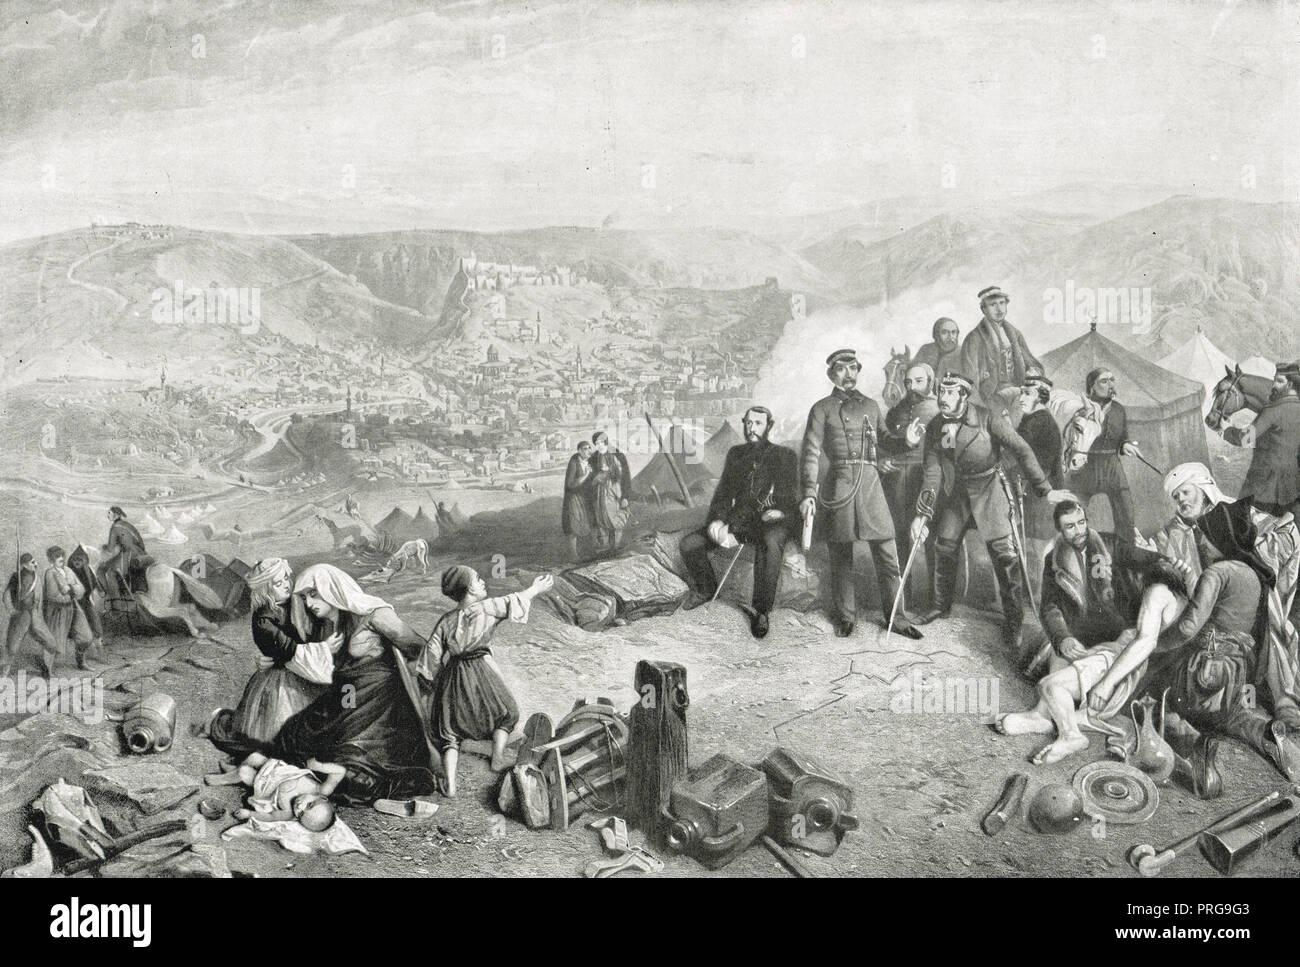 La défense de Kars, Juin - novembre 1855, pendant la guerre de Crimée Banque D'Images